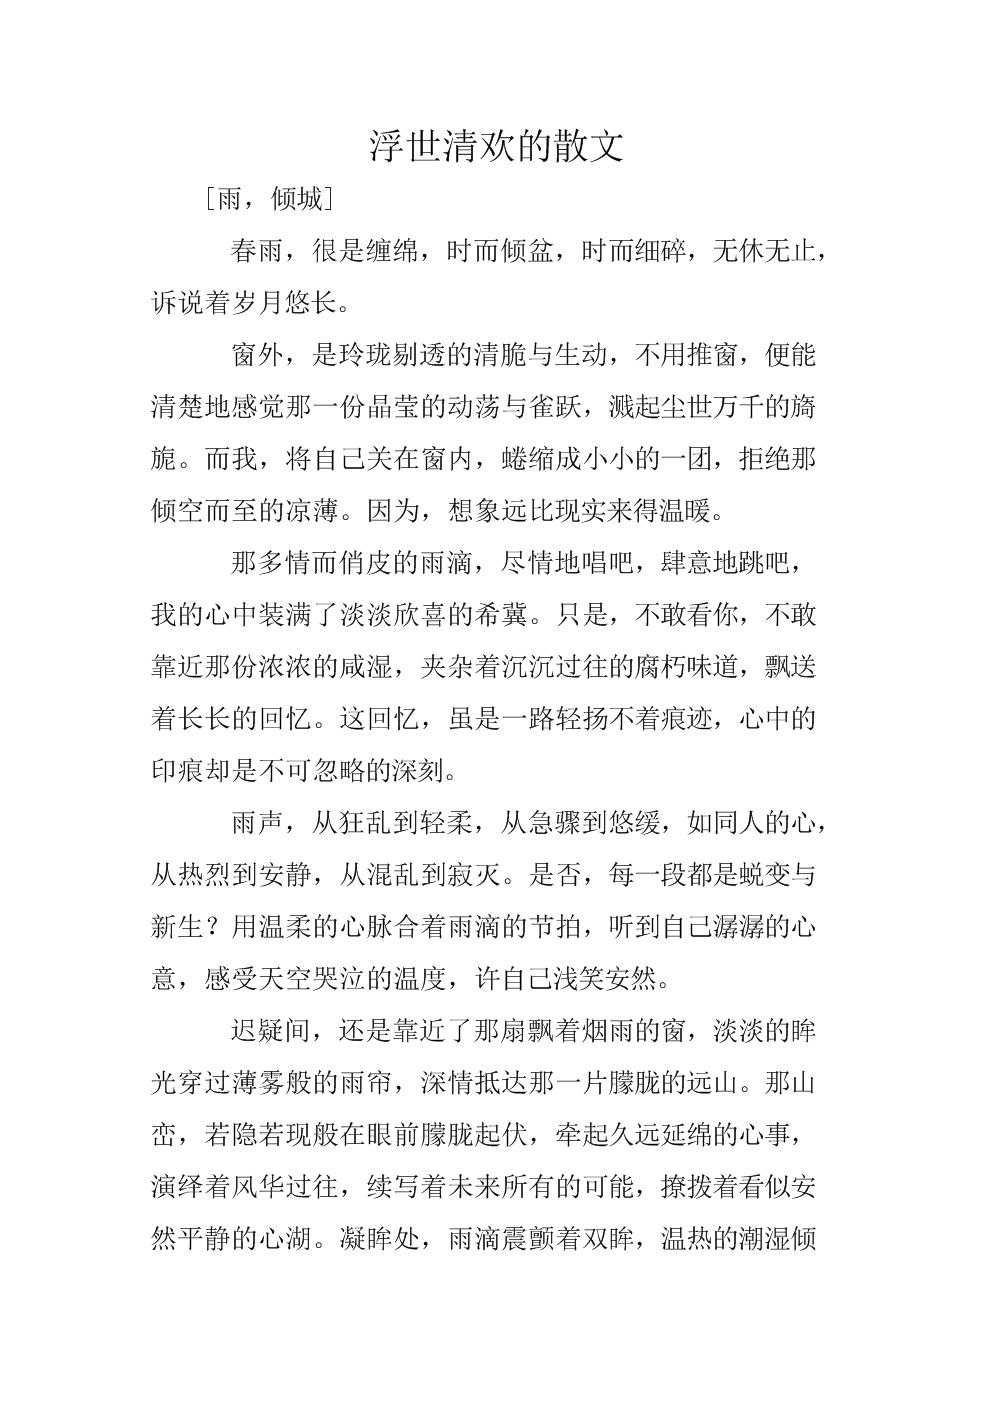 高中作文:浮世清欢的.doc